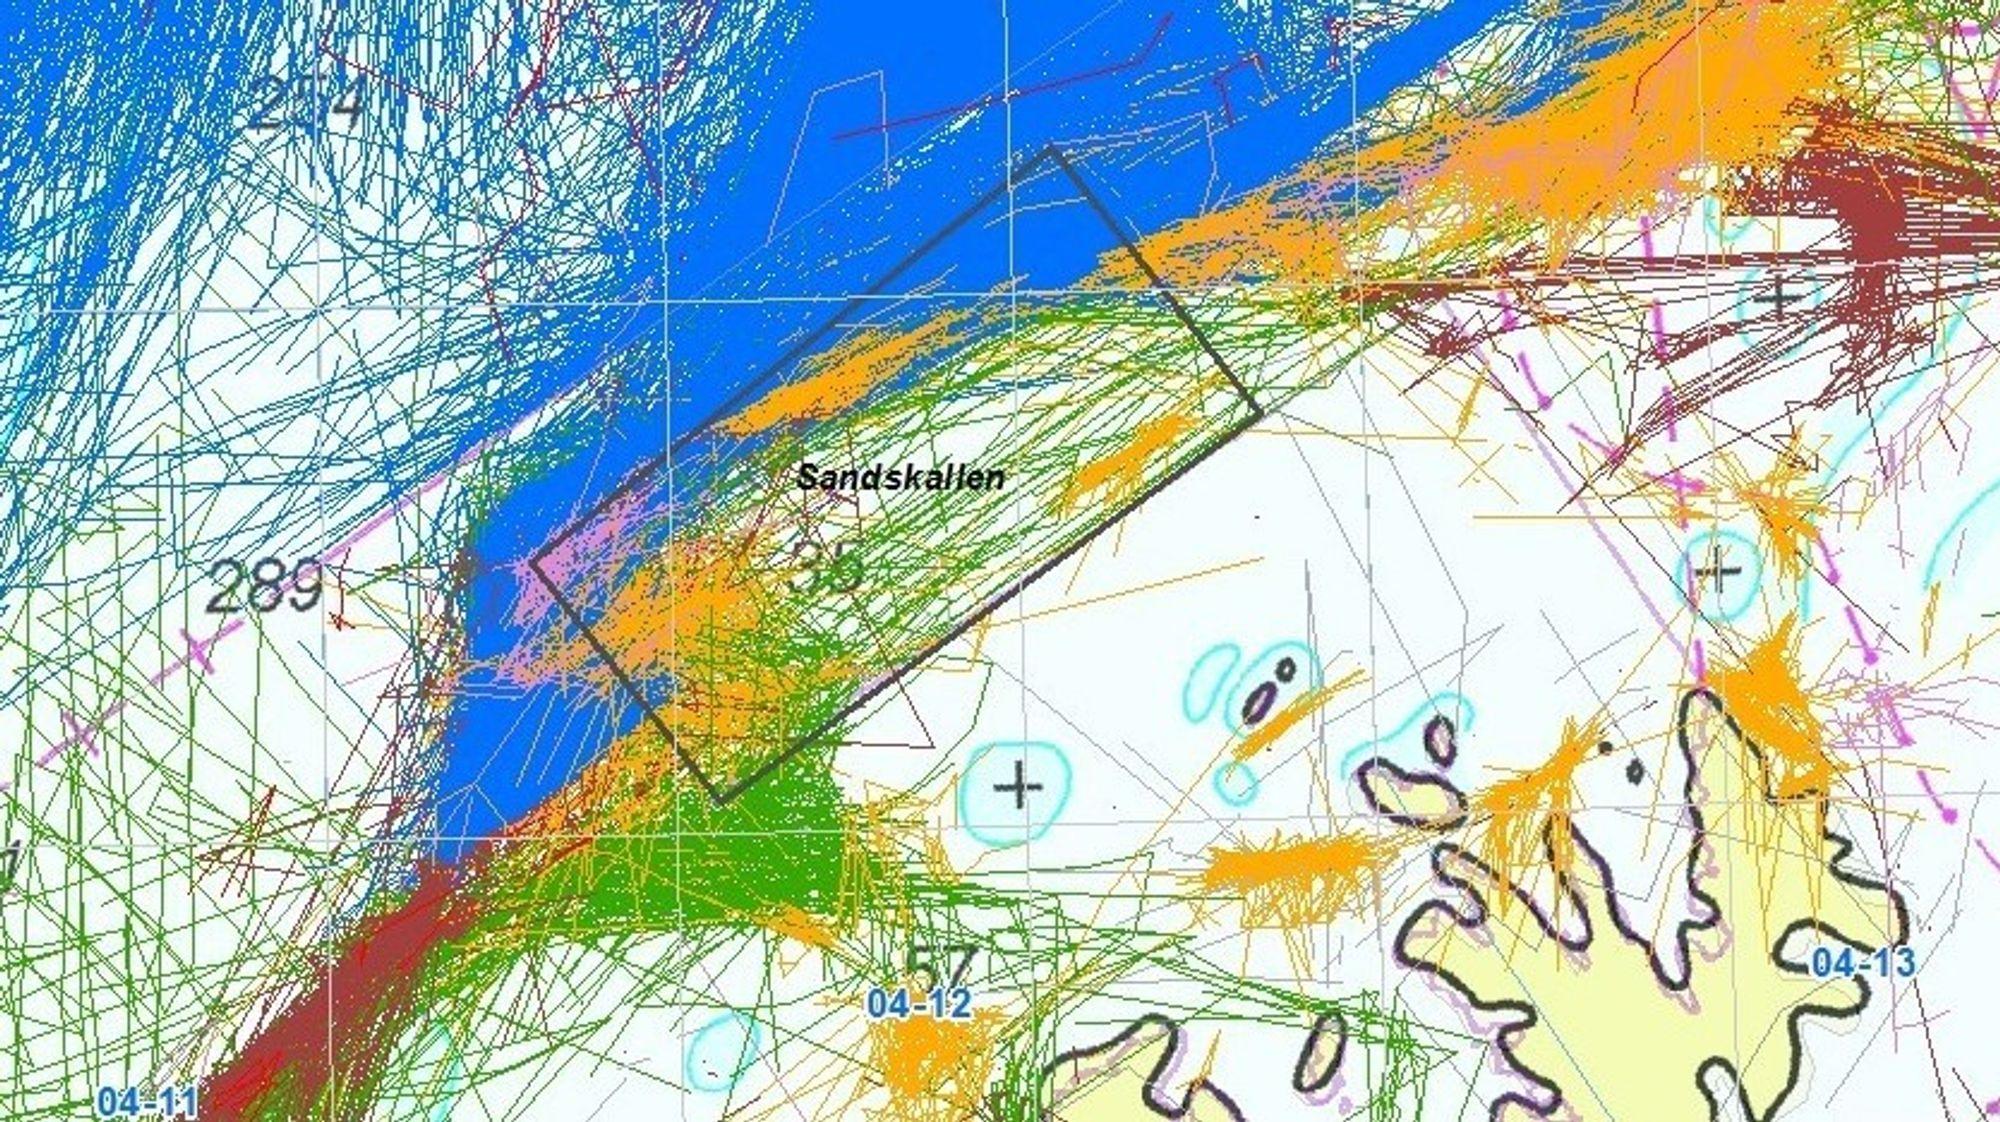 Bildet viser fiskeriakriviteten nord for Sørøya mellom 2014 og -18, og danner grunnlaget for Fiskeridirektoratets syn om at firkanten Sandskallen ikke er egnet for havvindpark. Strekene med ulik farge symboliserer ulike fiskeredskaper.